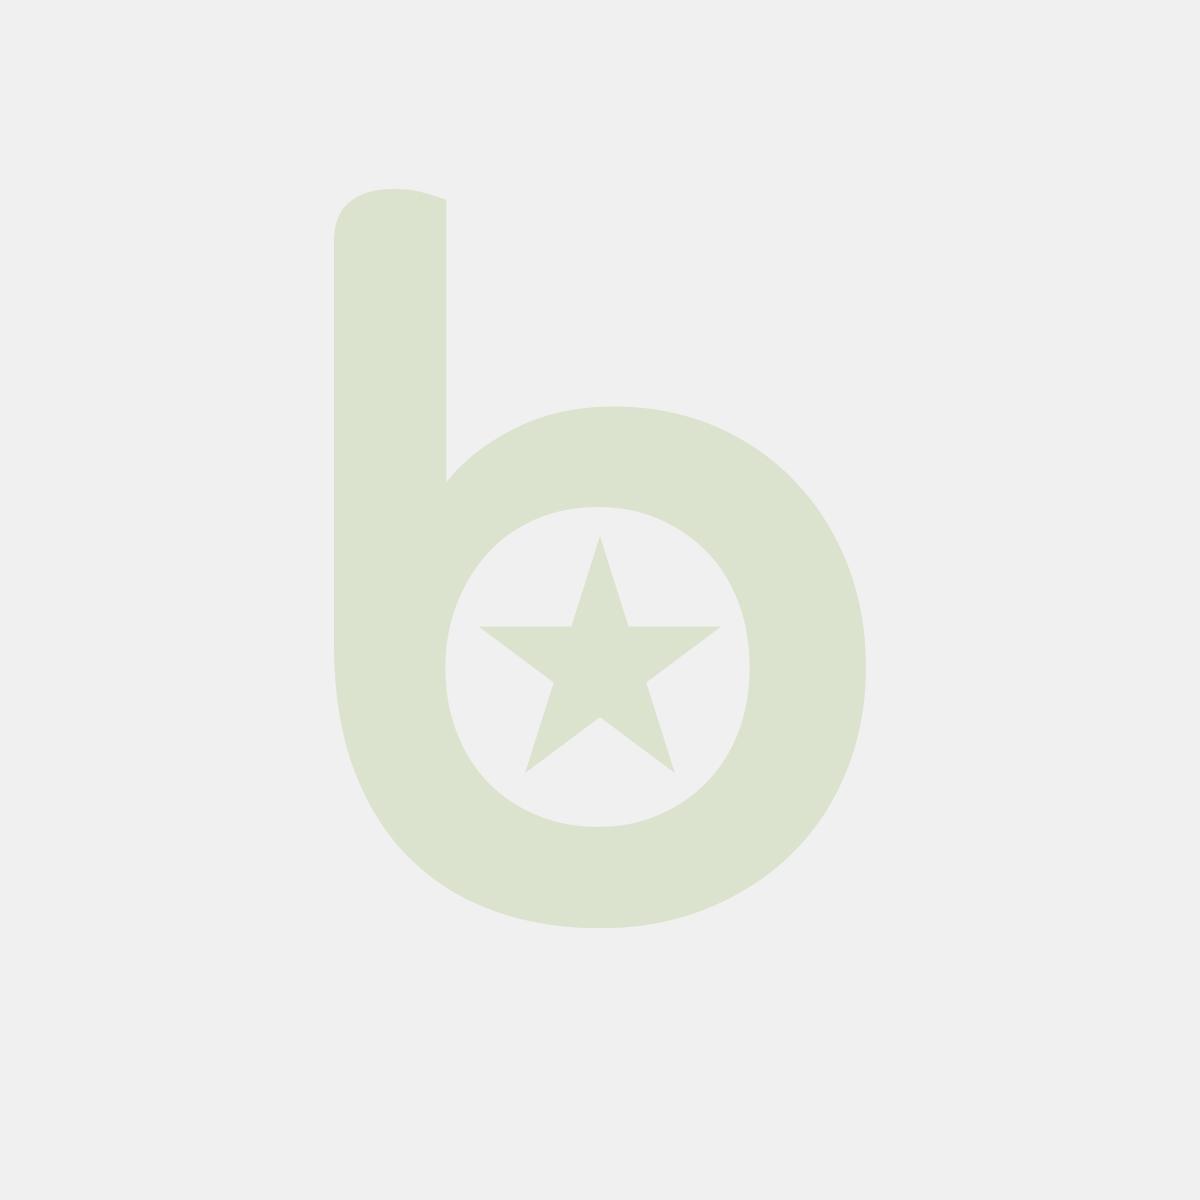 Pojemnik obiadowy do zgrzewu K 227/3, trójdzielny, niebiesko-biały 227x178x40, cena za opakowanie 50szt